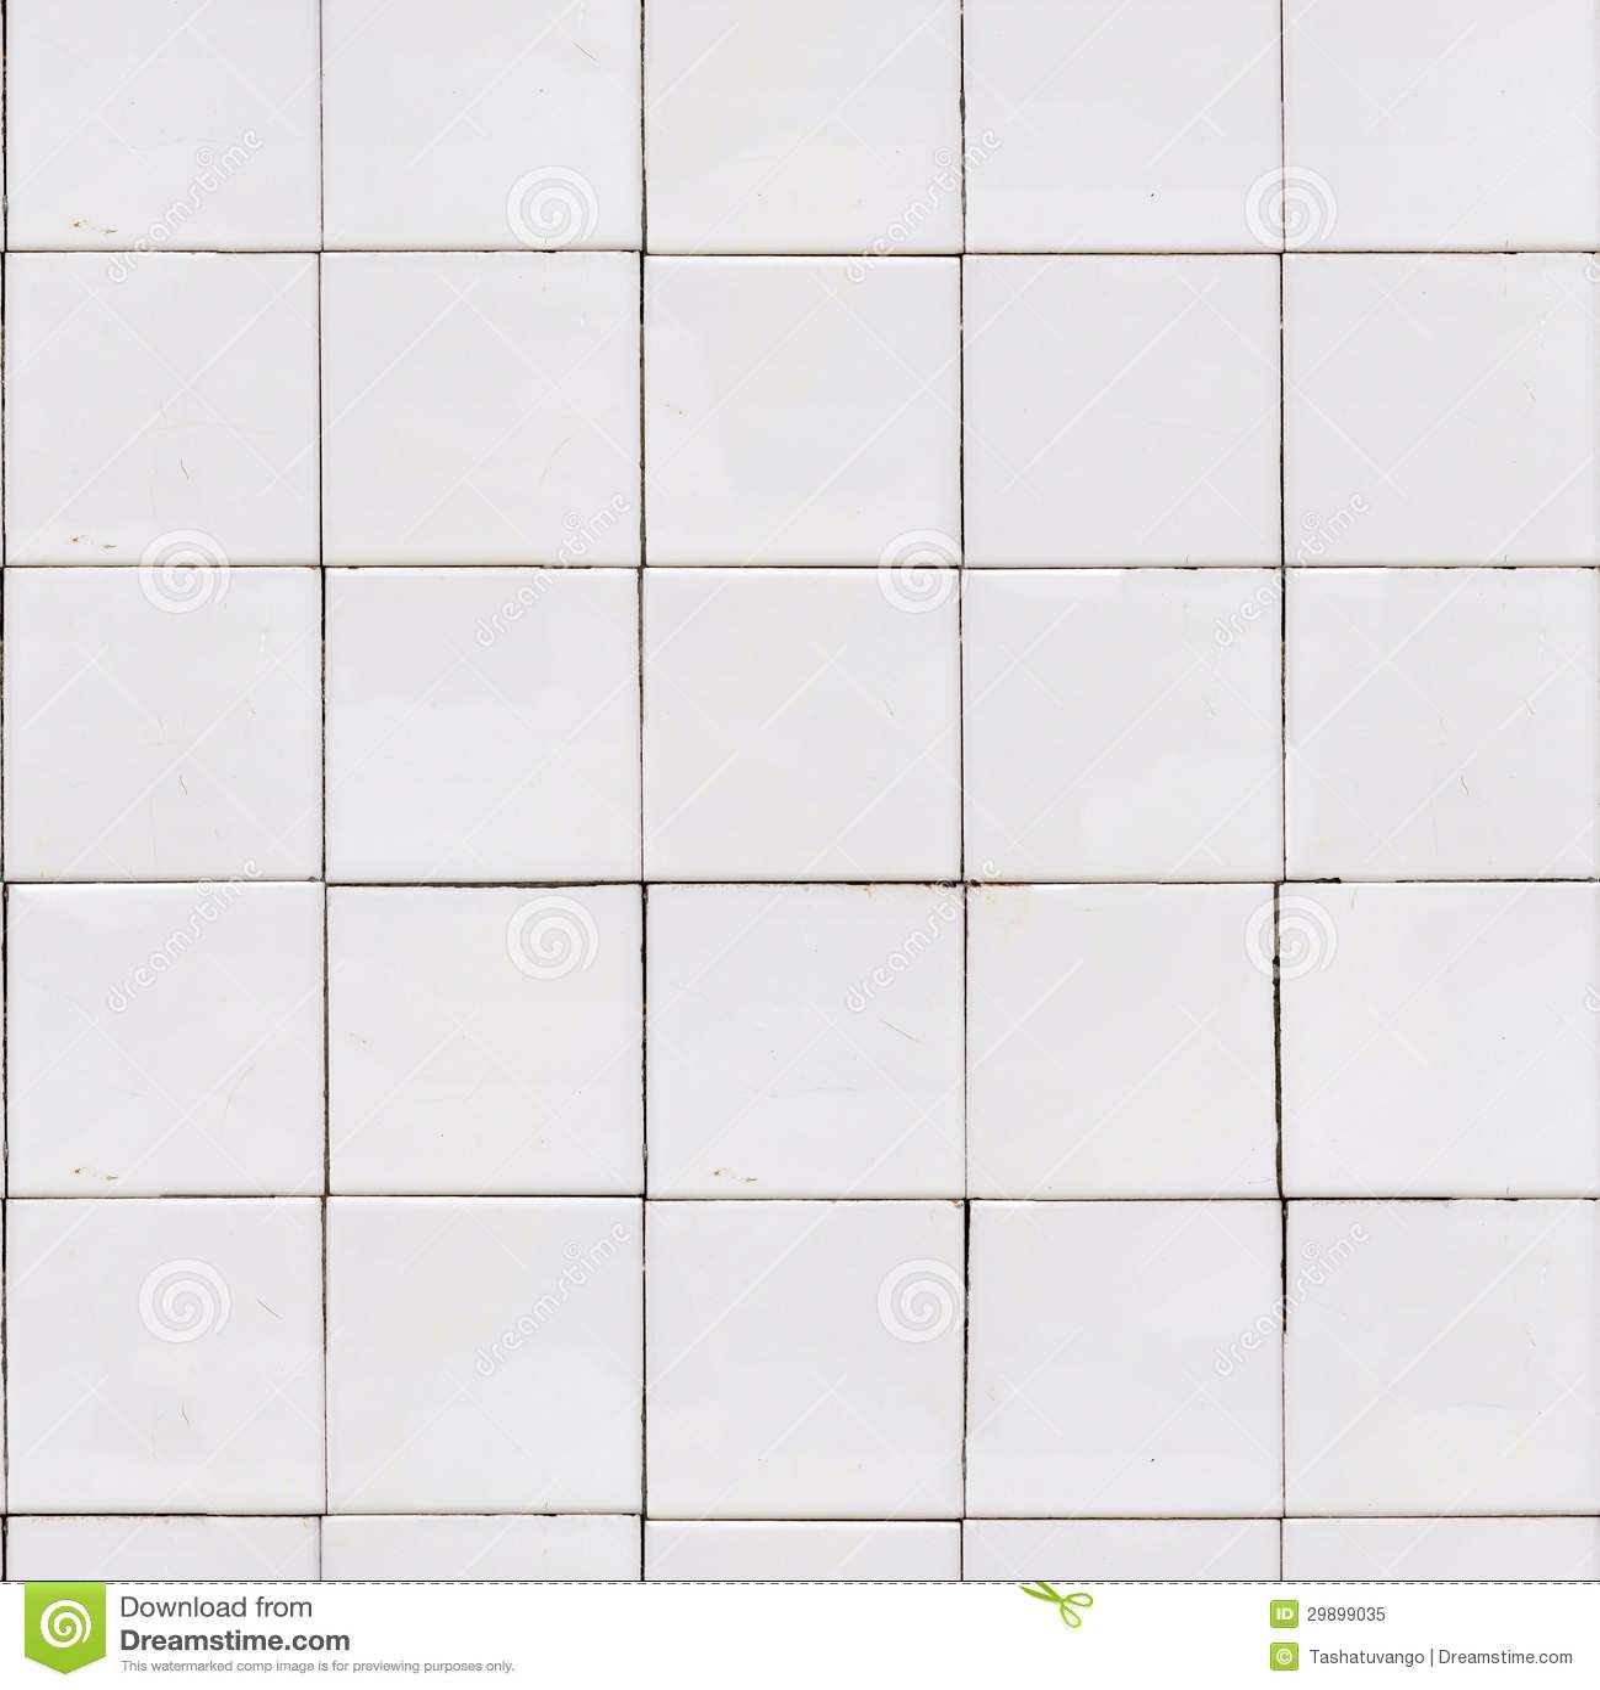 wei e fliesen wand beschaffenheit lizenzfreies stockfoto bild 29899035. Black Bedroom Furniture Sets. Home Design Ideas